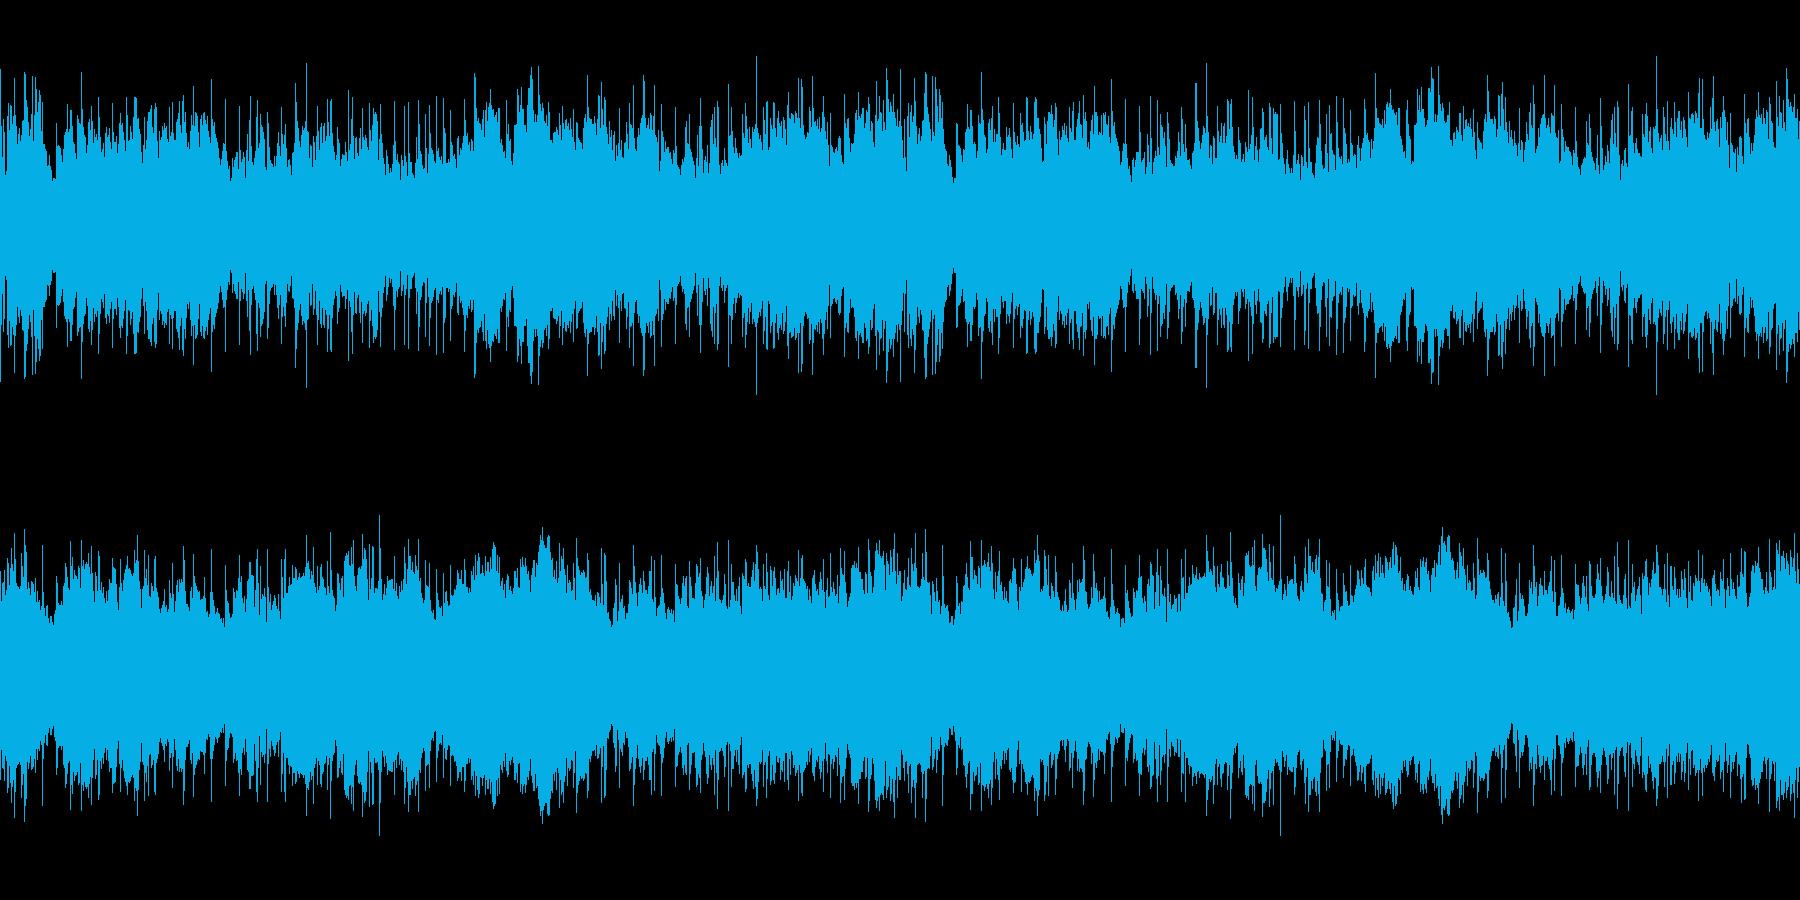 ループ仕様フィールド系,民族「異国」の再生済みの波形